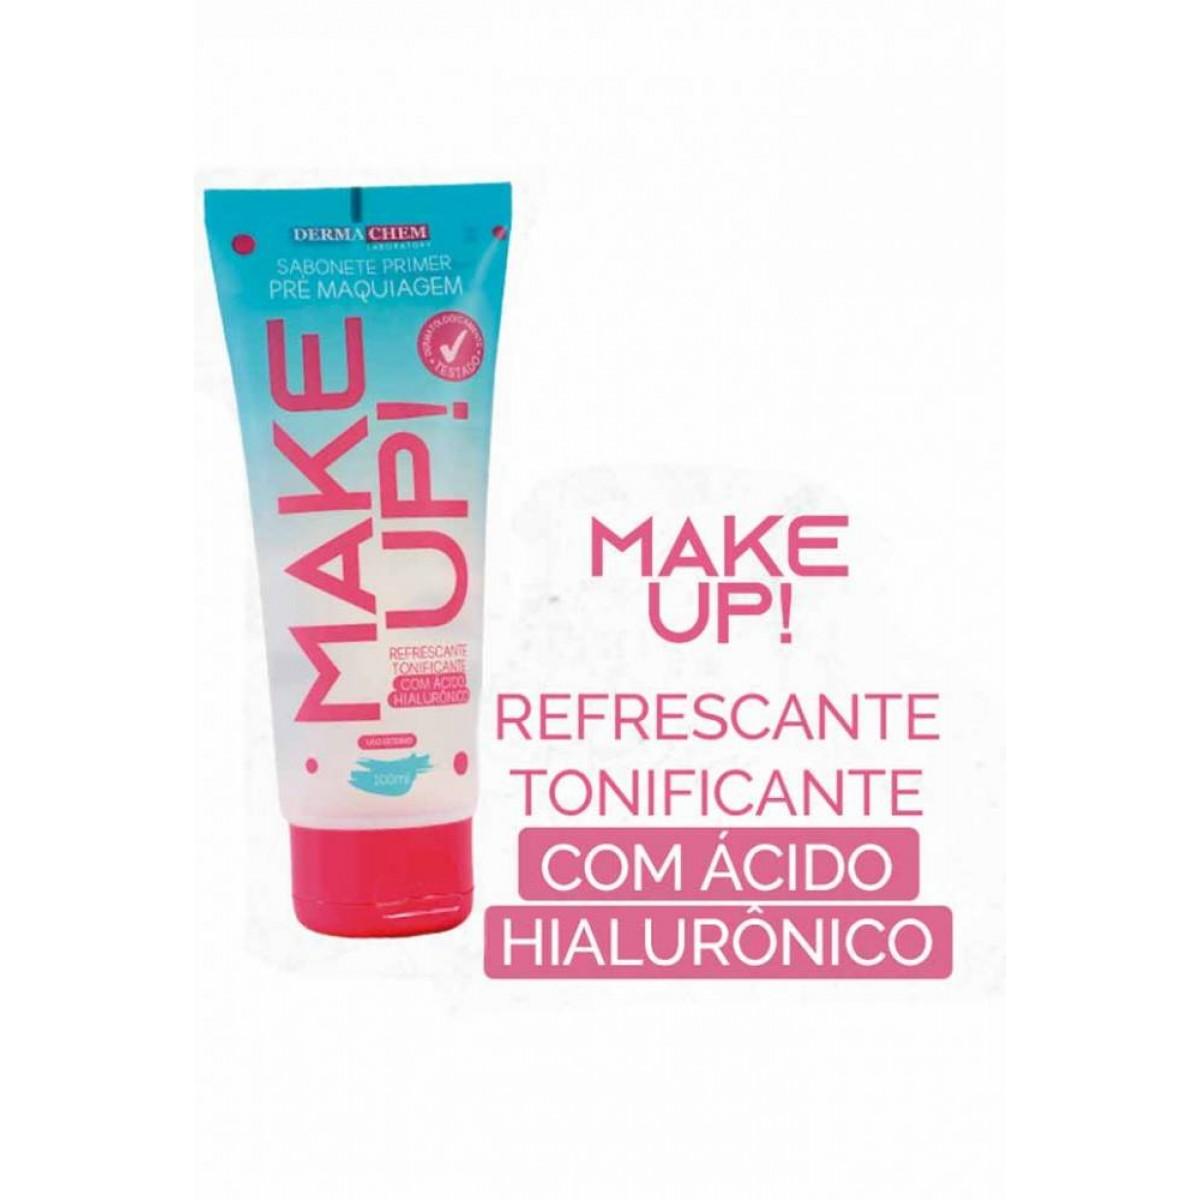 Sabonete Primer Pré Maquiagem Make Up 100 ml Dermachem